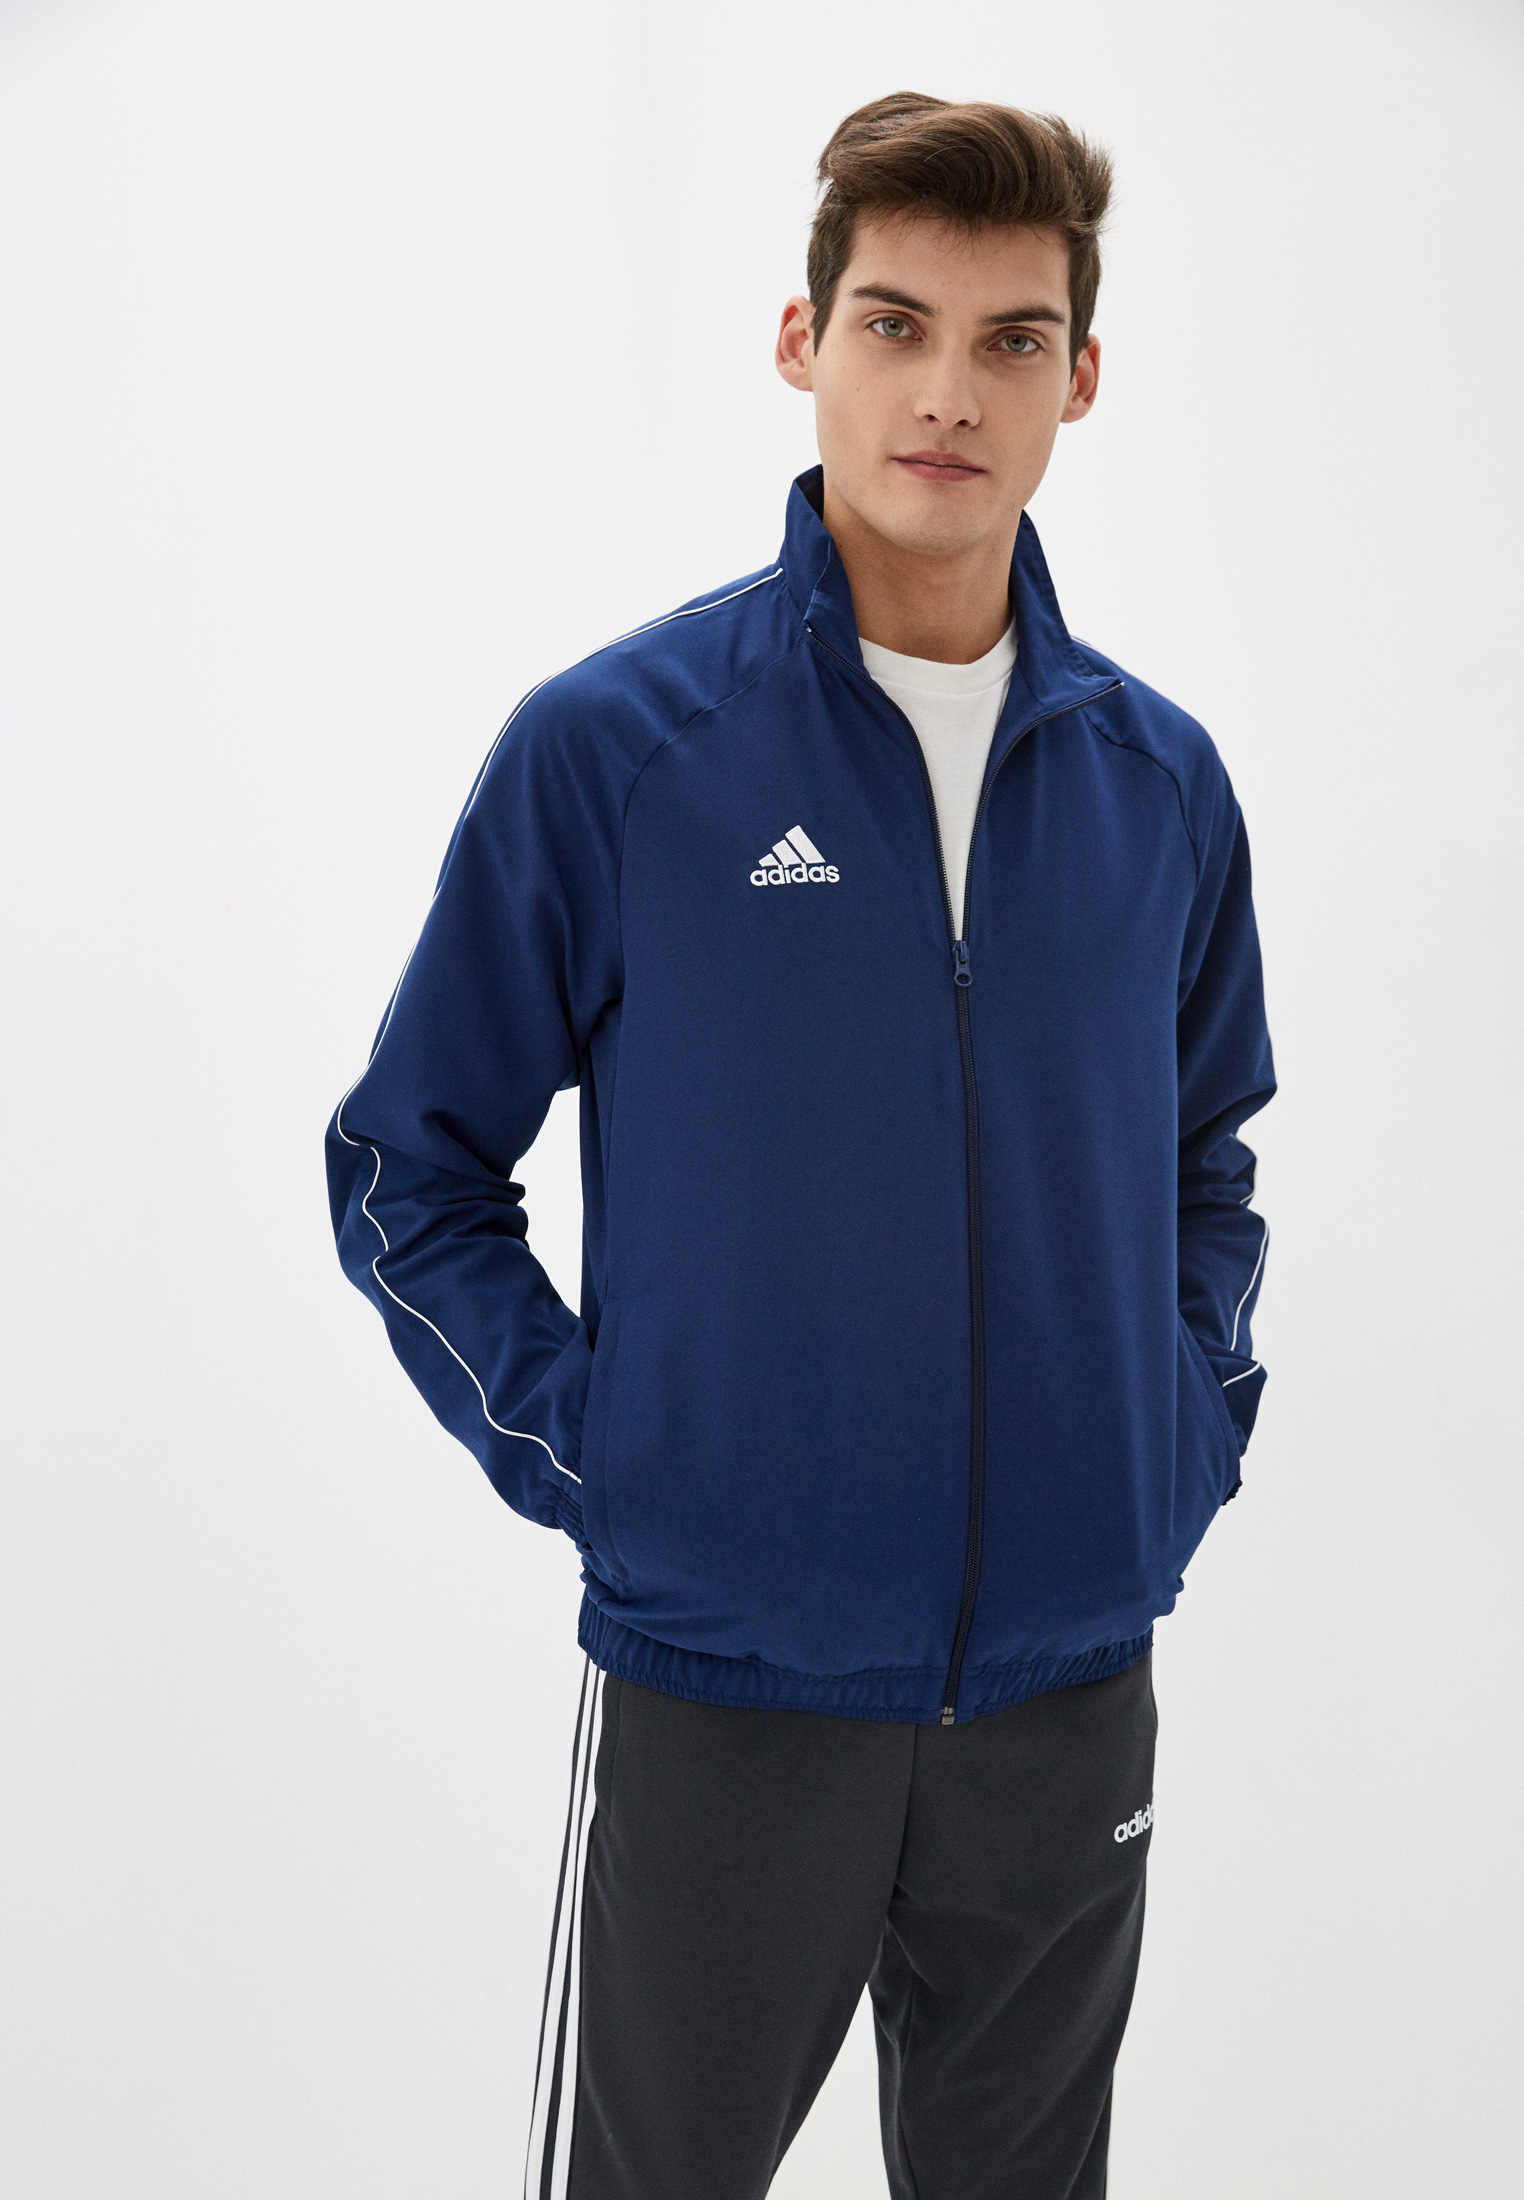 Impuestos Momento algun lado  Мужская верхняя одежда Adidas (Адидас) CV3684 купить